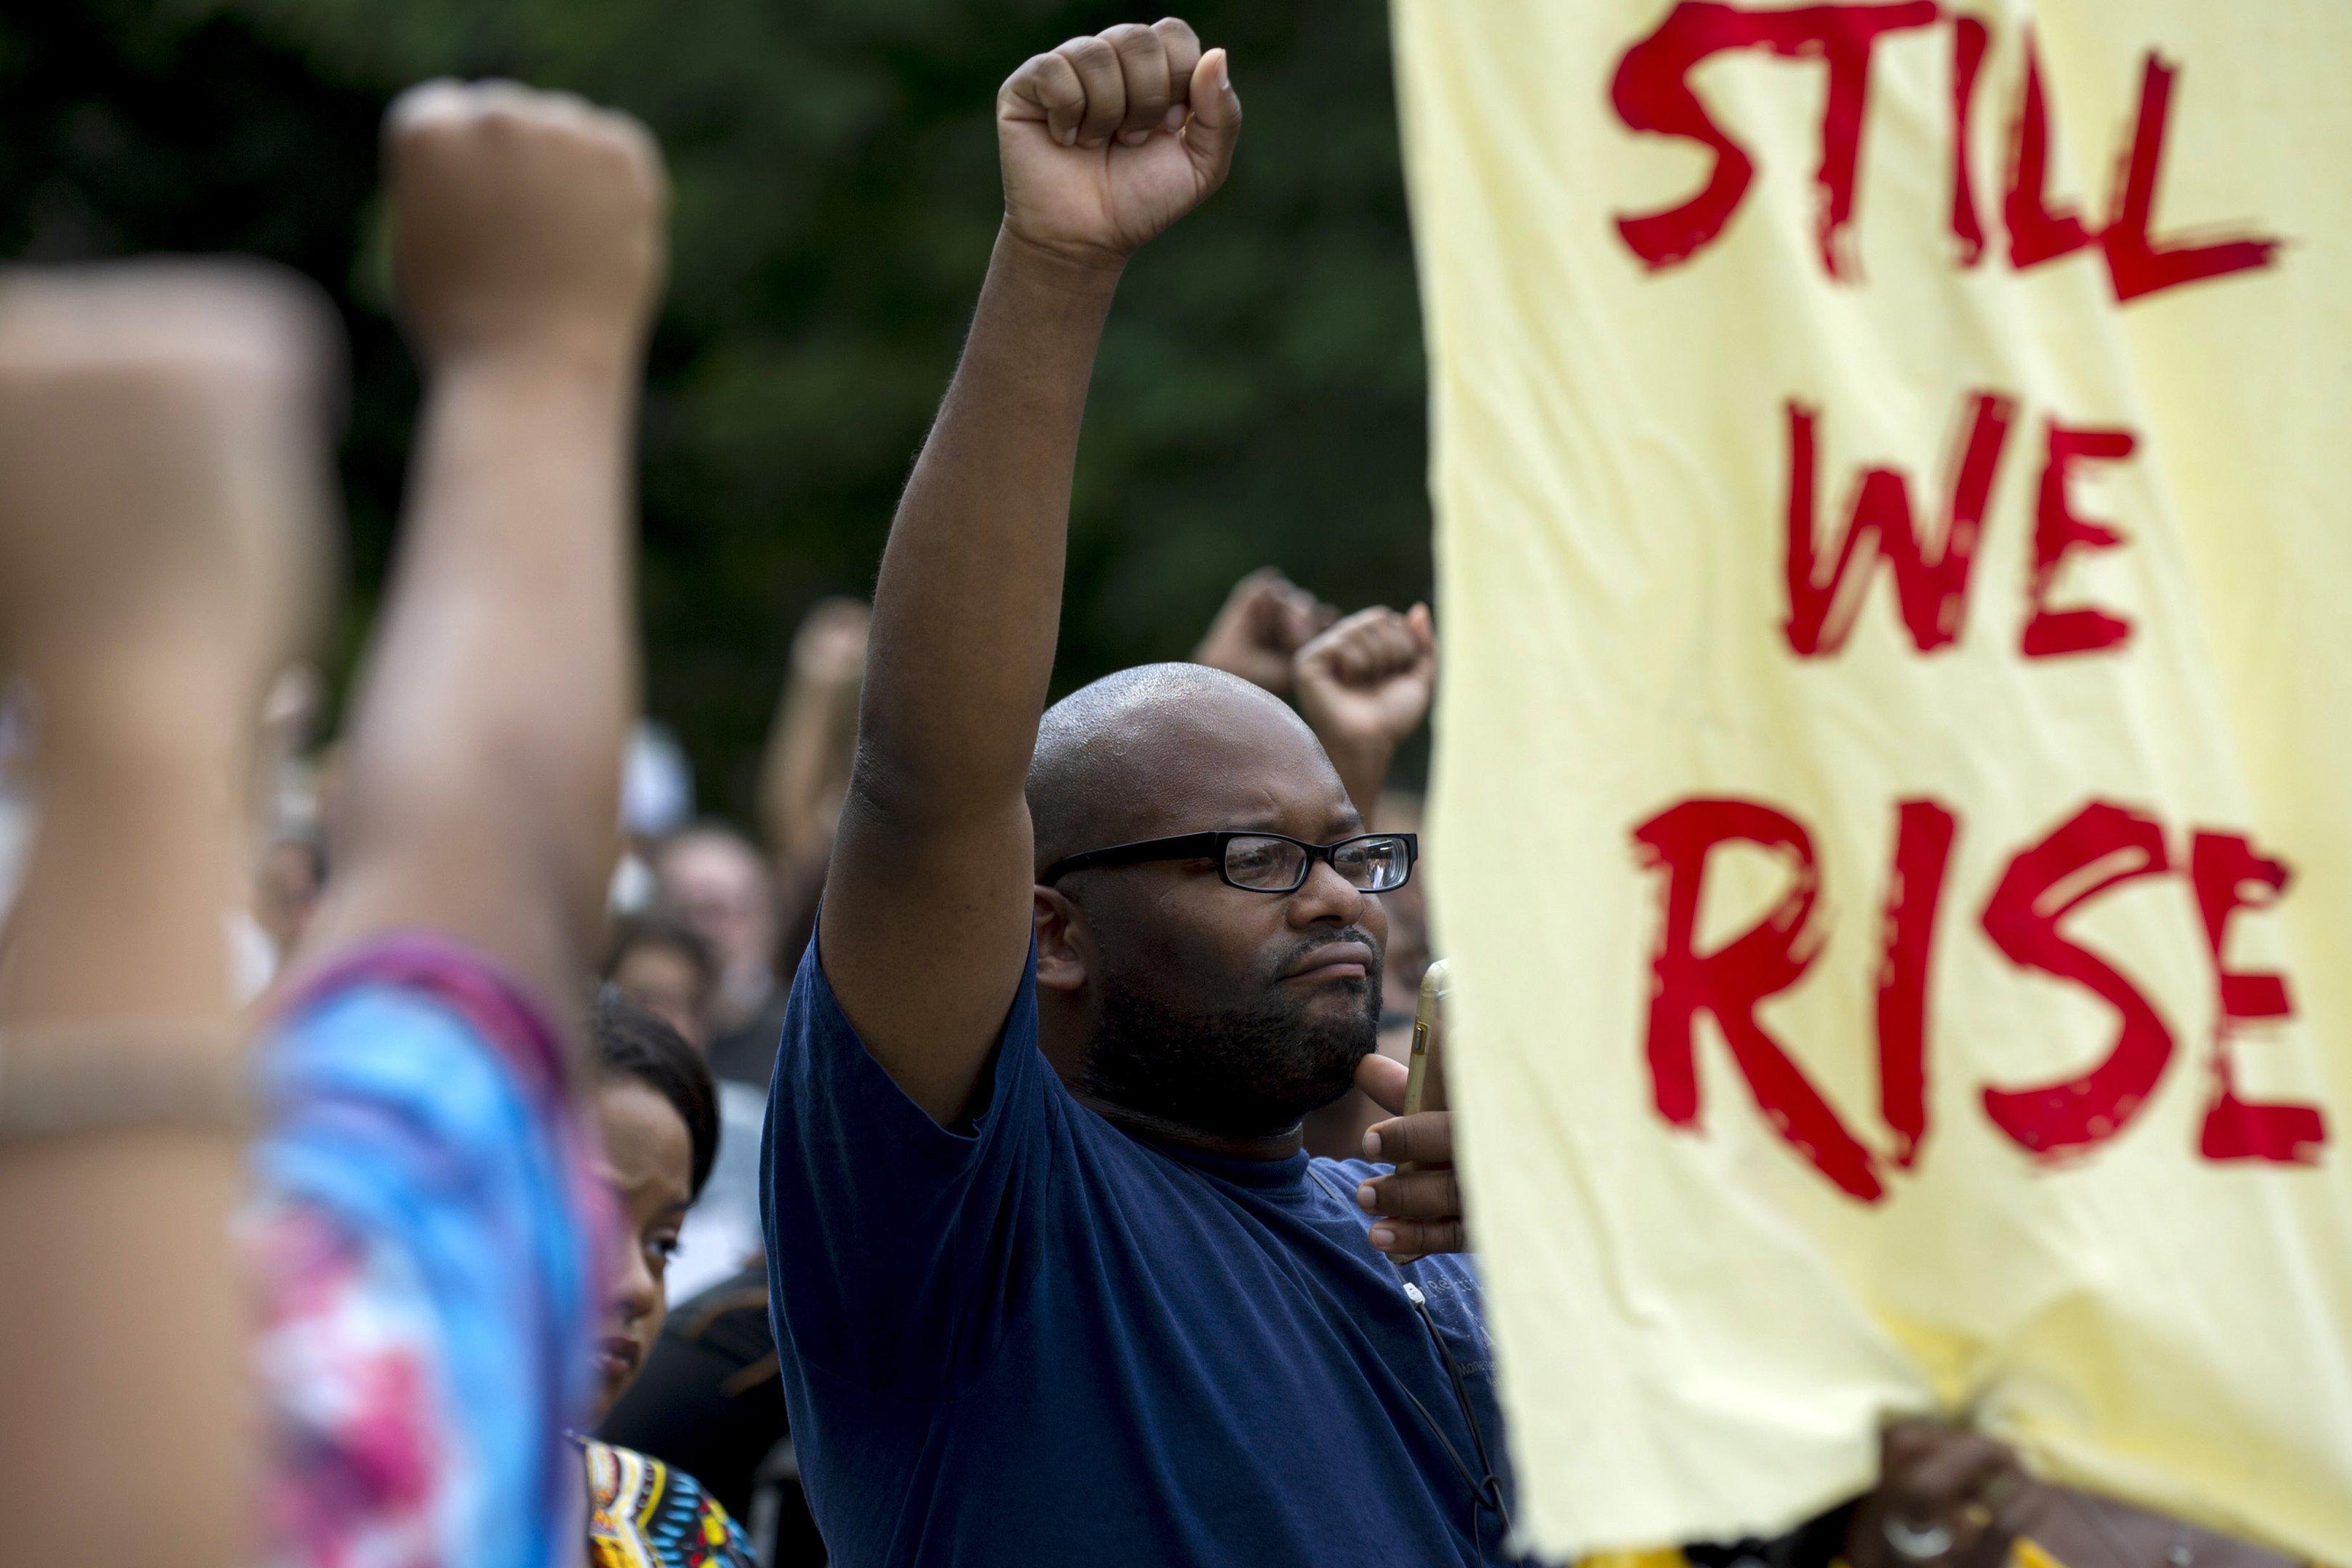 Manifestação em solidariedade a Charlottesville em Pittsburg, no estado da Pensilvânia